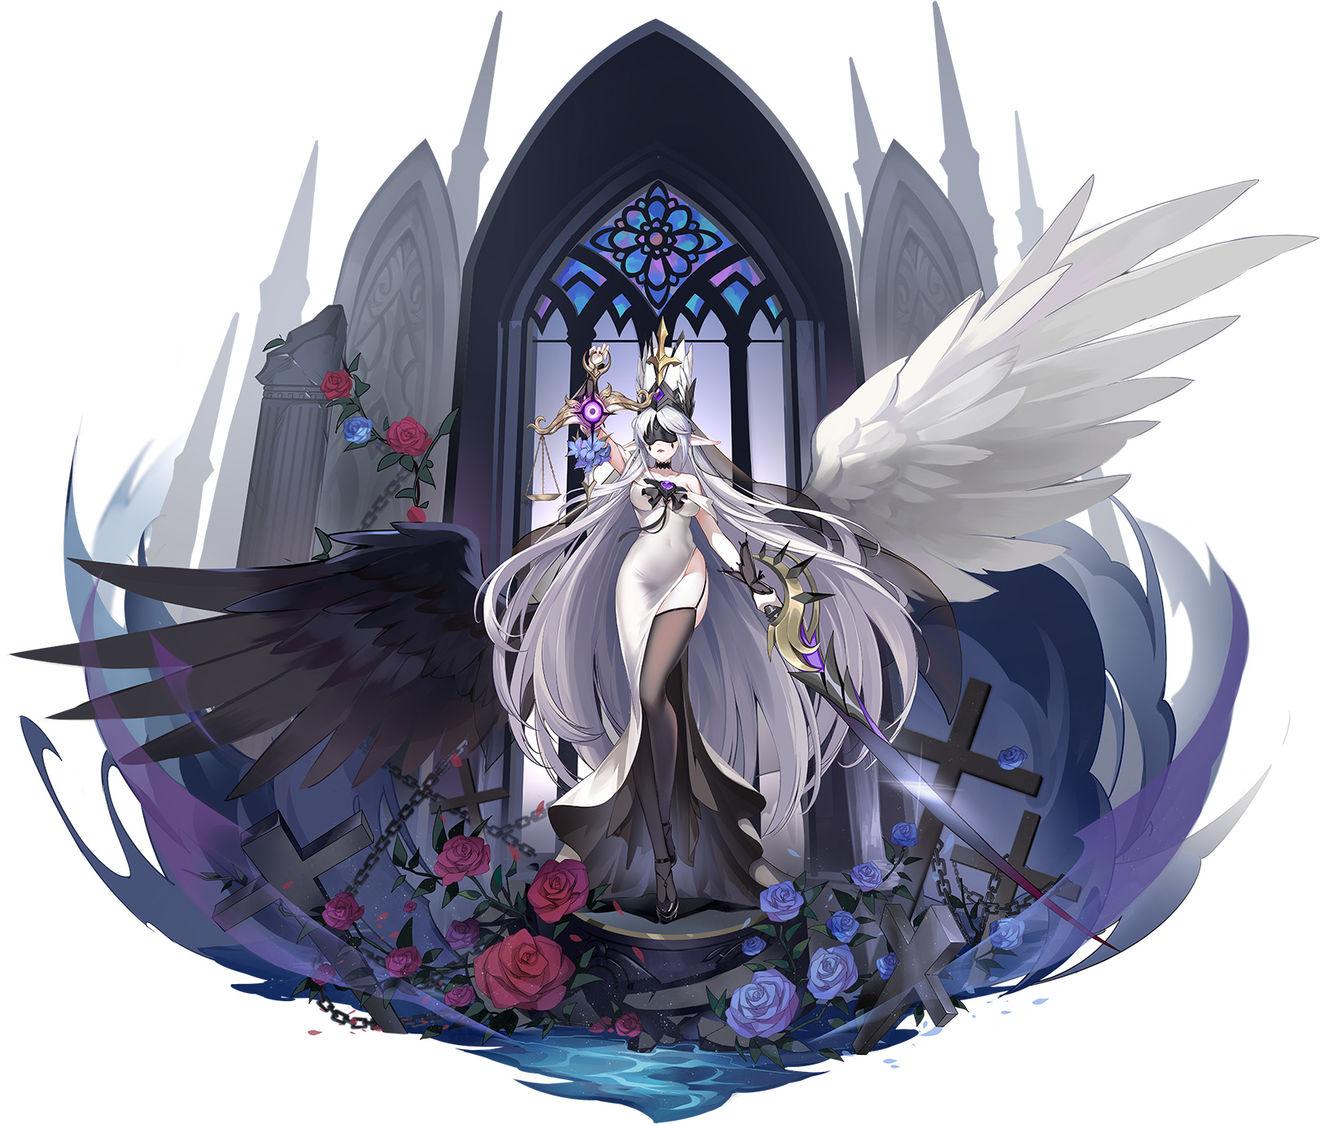 《奥奇传说手游》裁决圣者迷技能强度分析